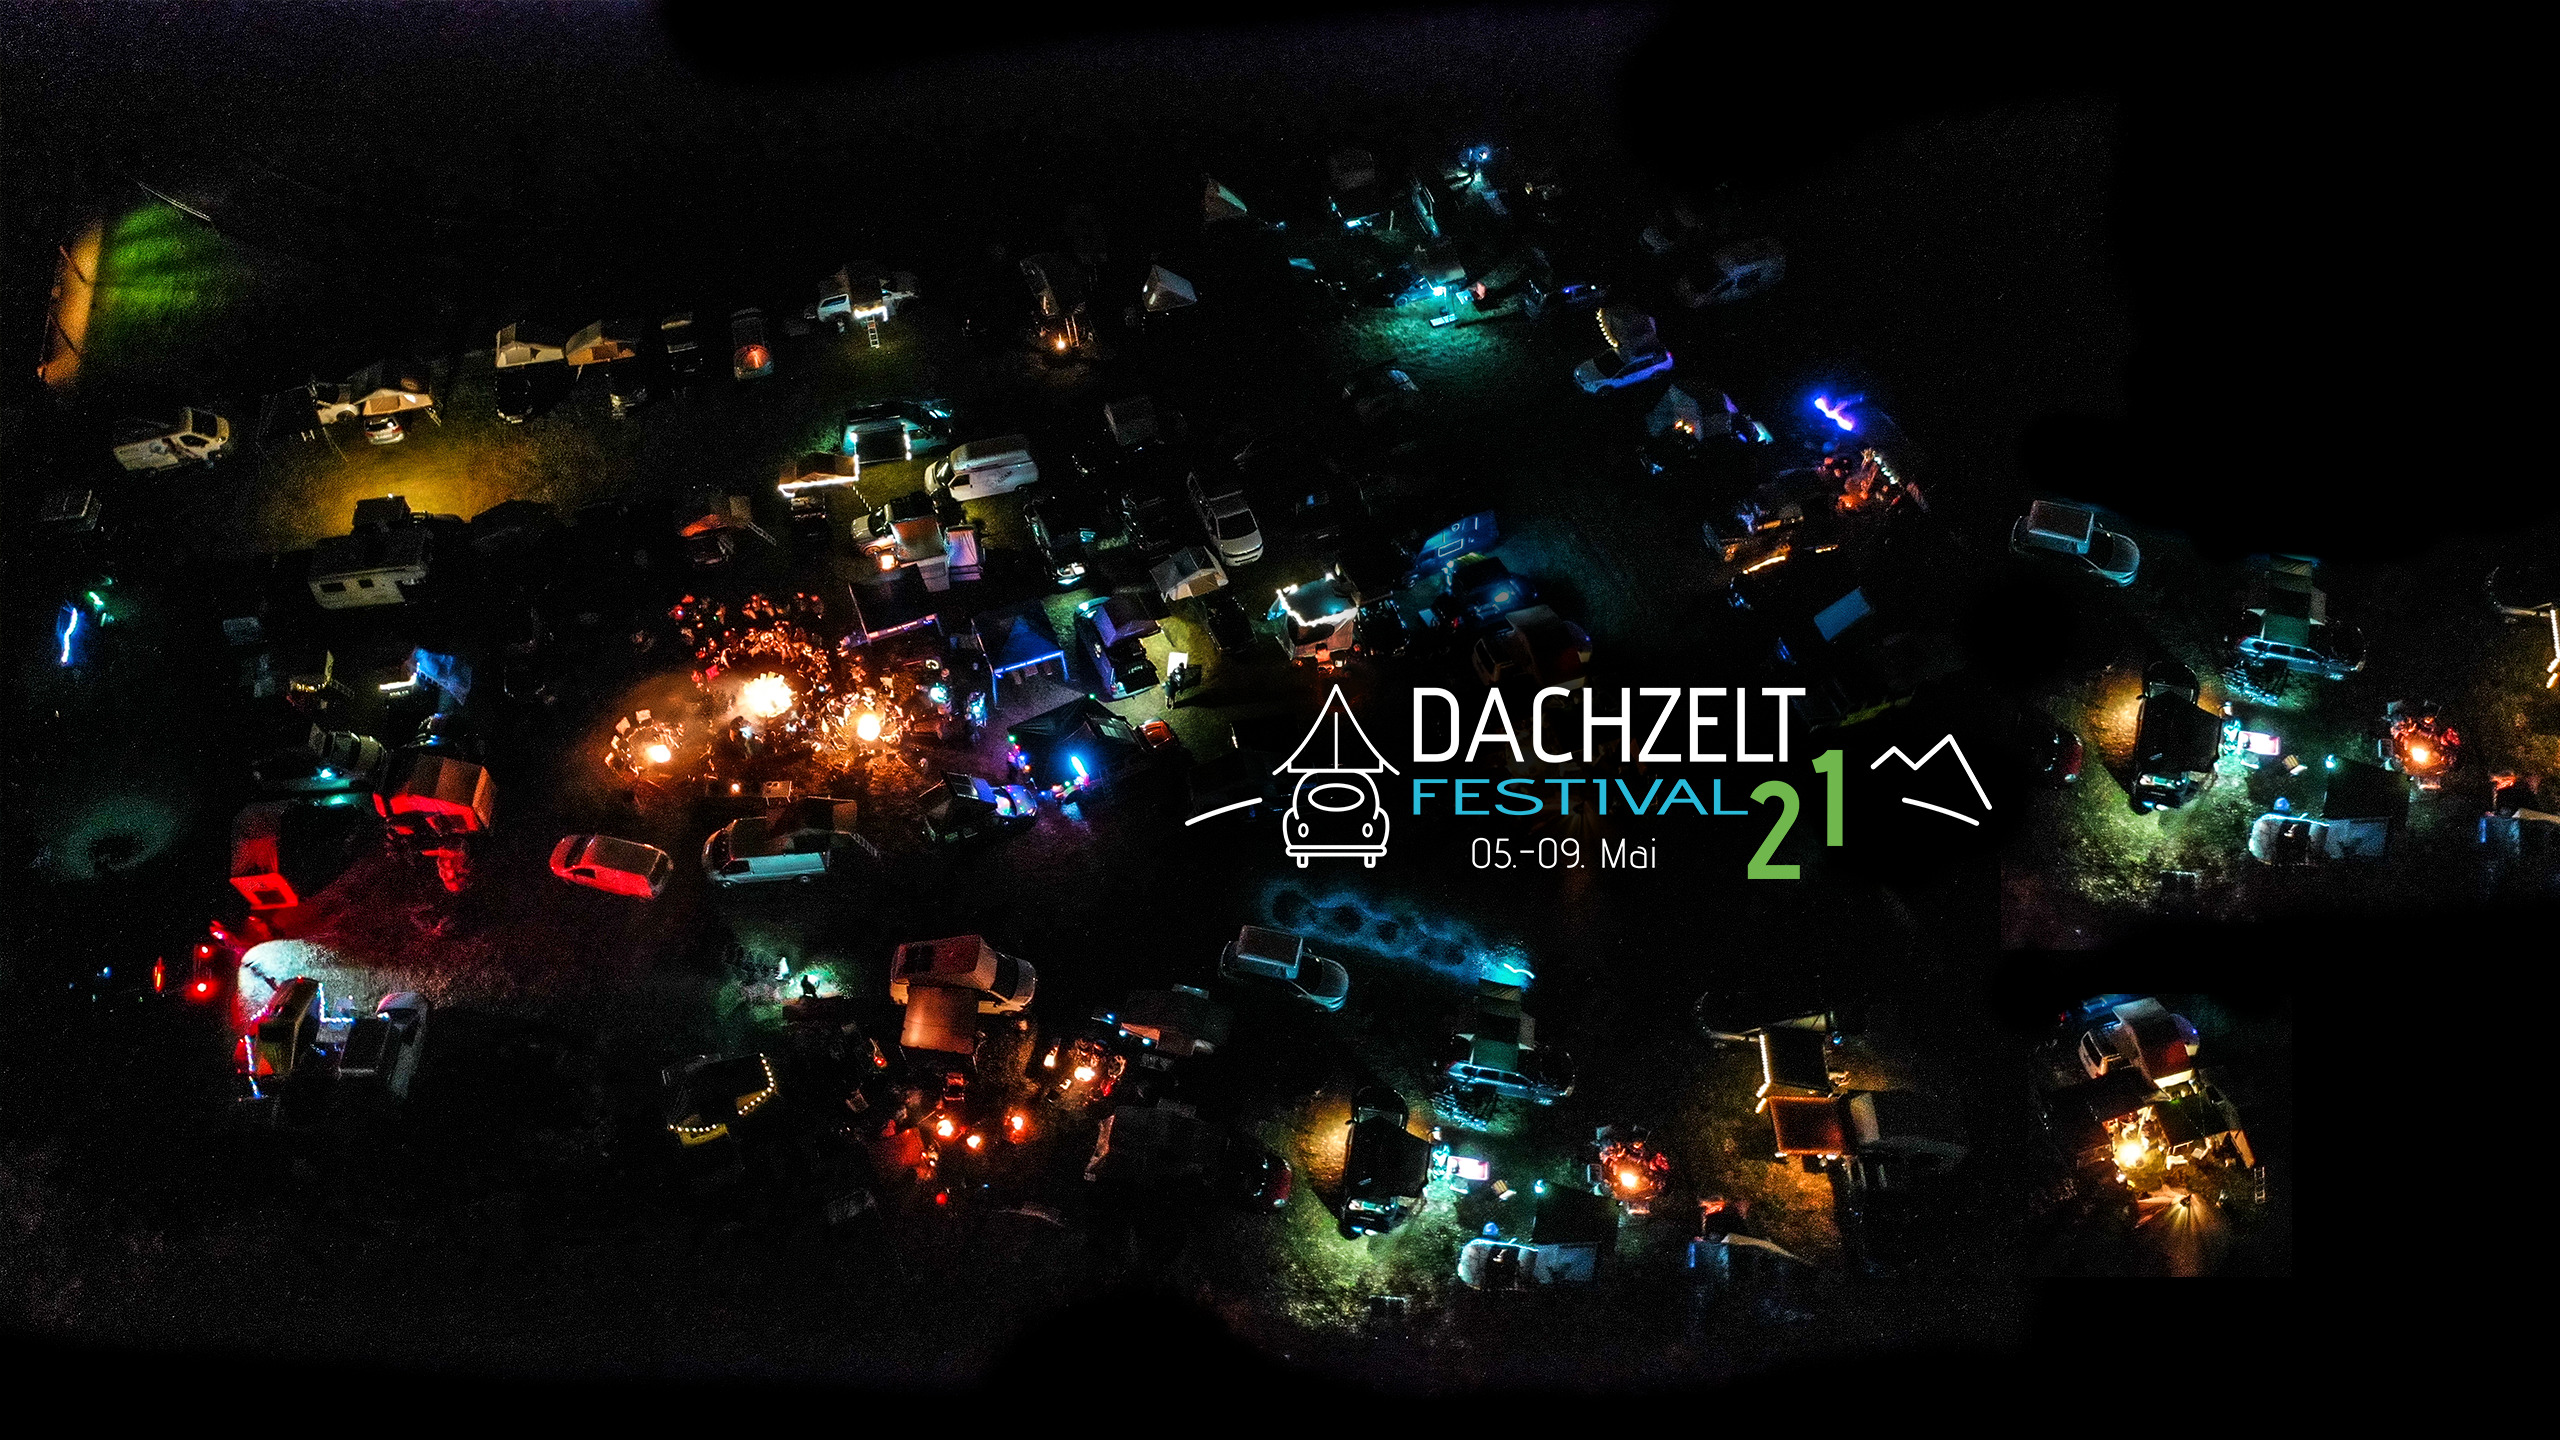 Camping Event mit vielen Dachzelten am Lagerfeuer (Nachtaufnahme)